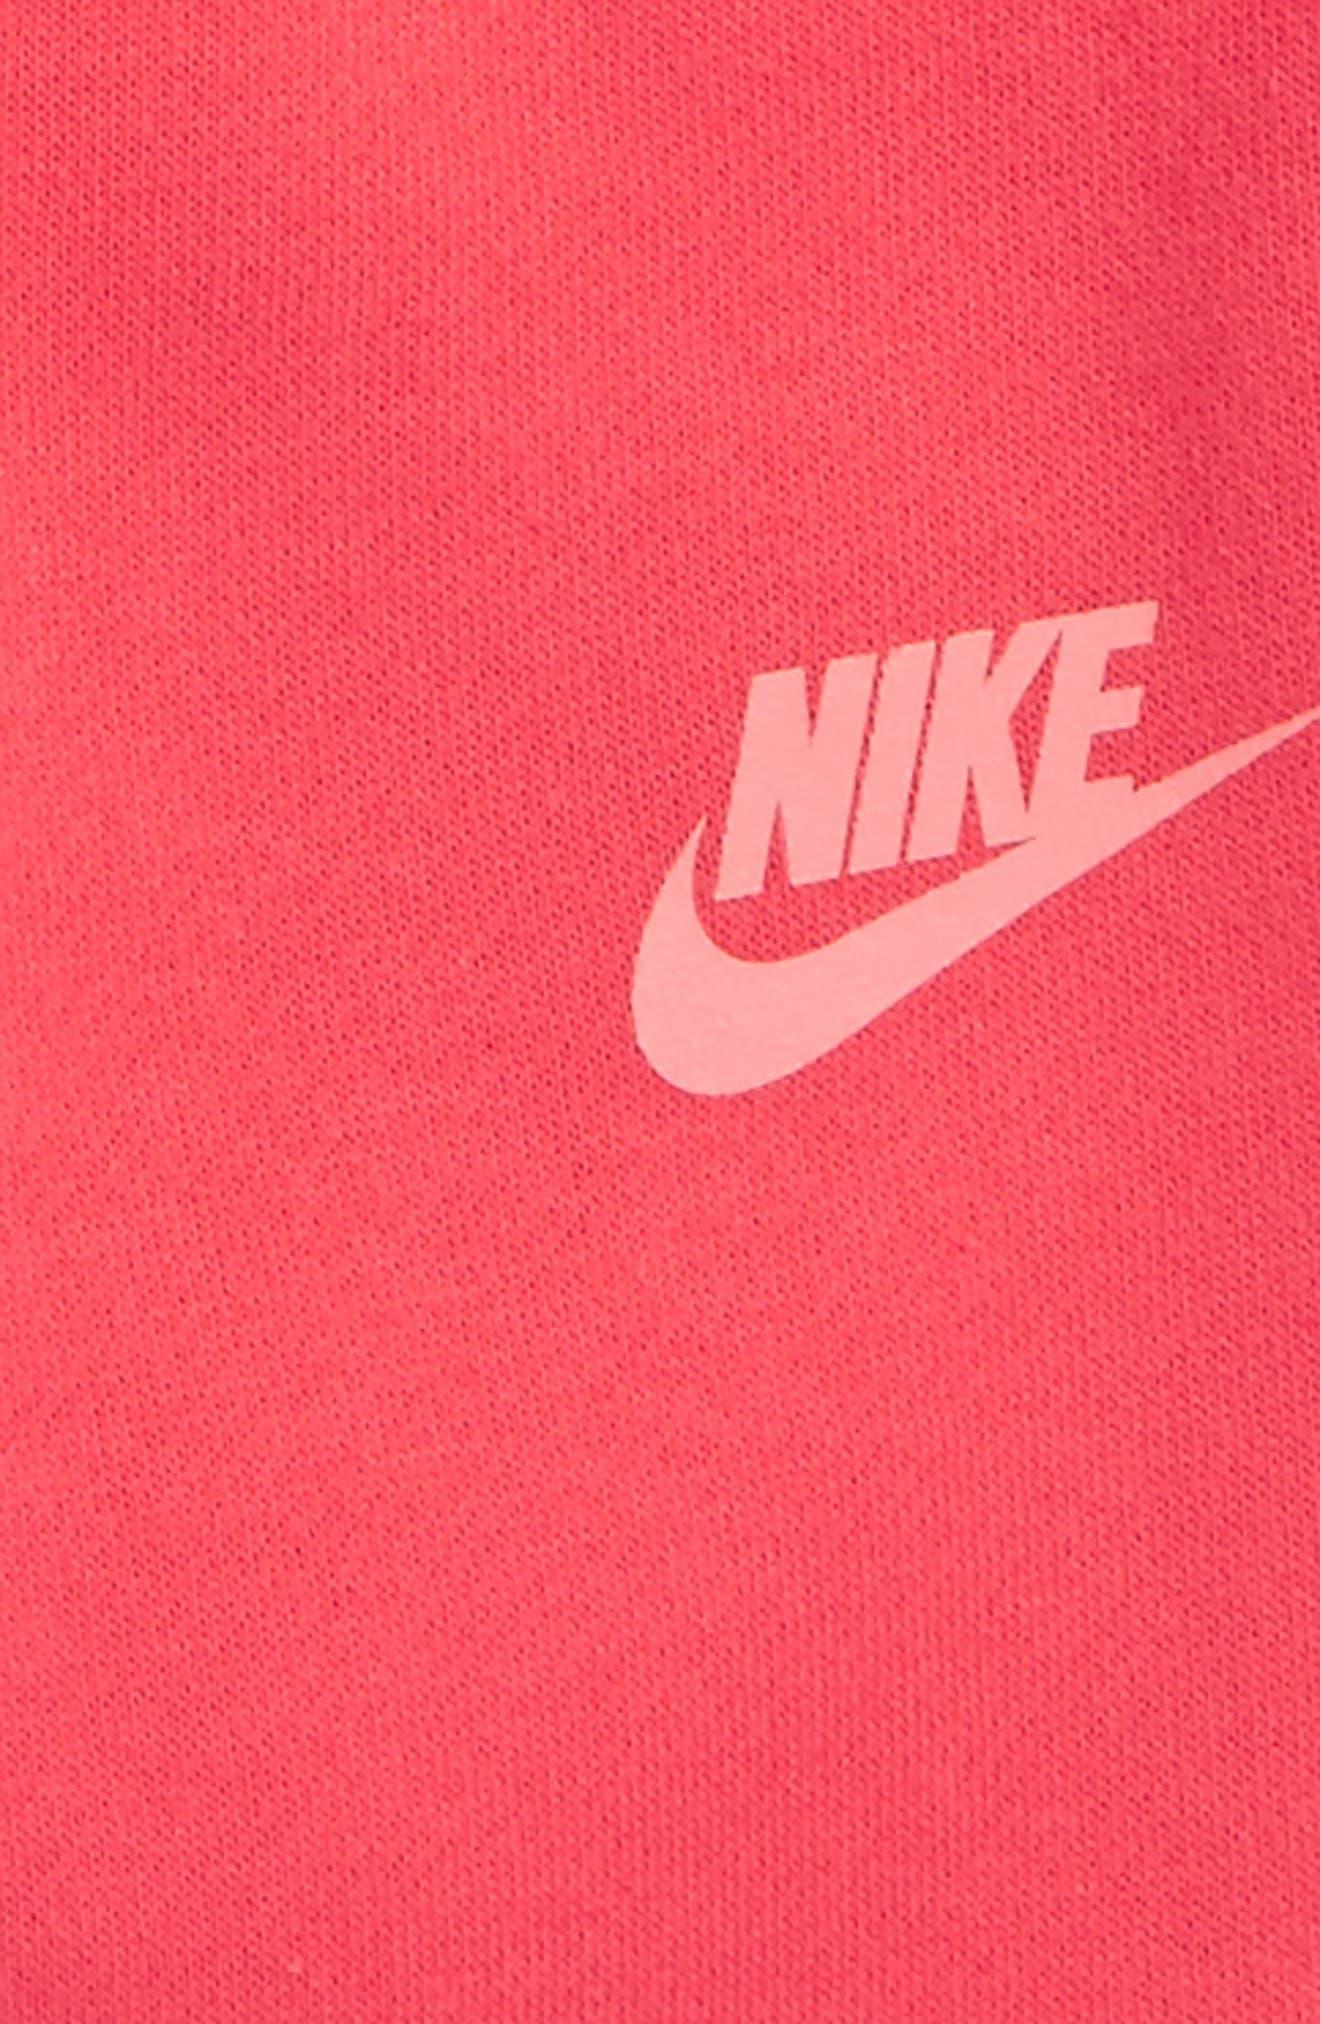 Alternate Image 3  - Nike Fleece Sweatshirt & Sweatpants Set (Baby Girls)